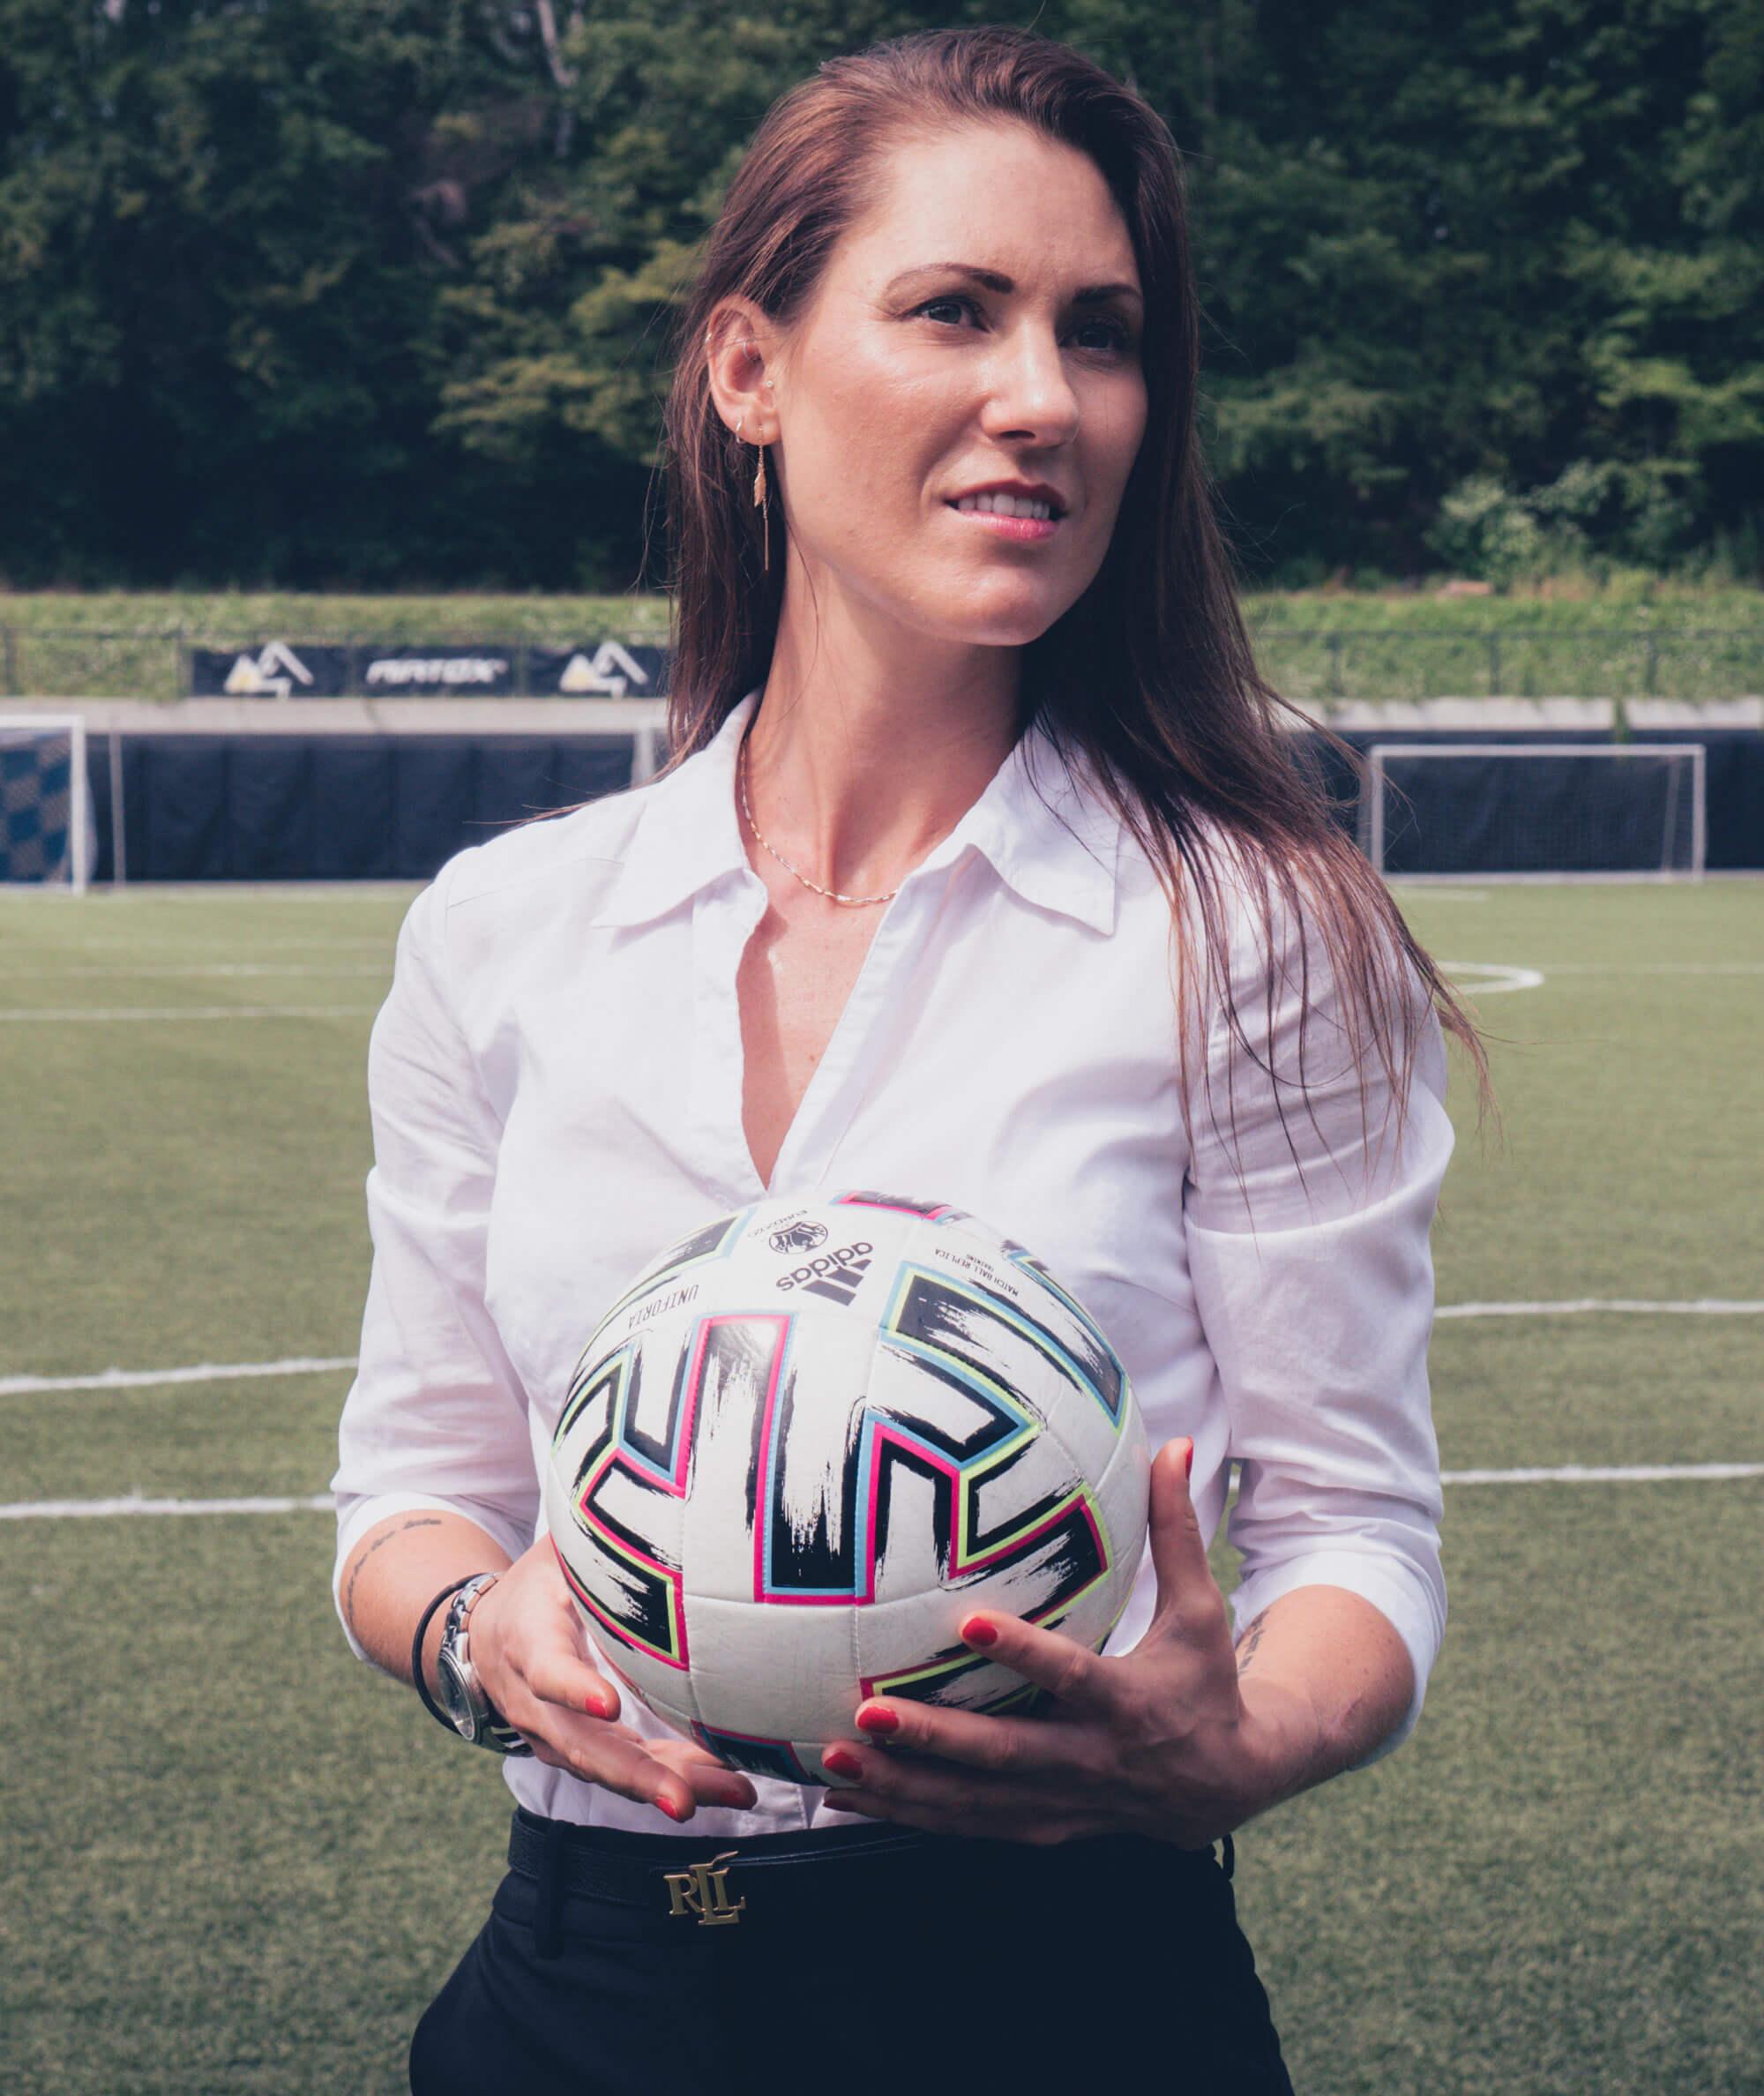 Vickie People In Sport - kvindefodbold agent